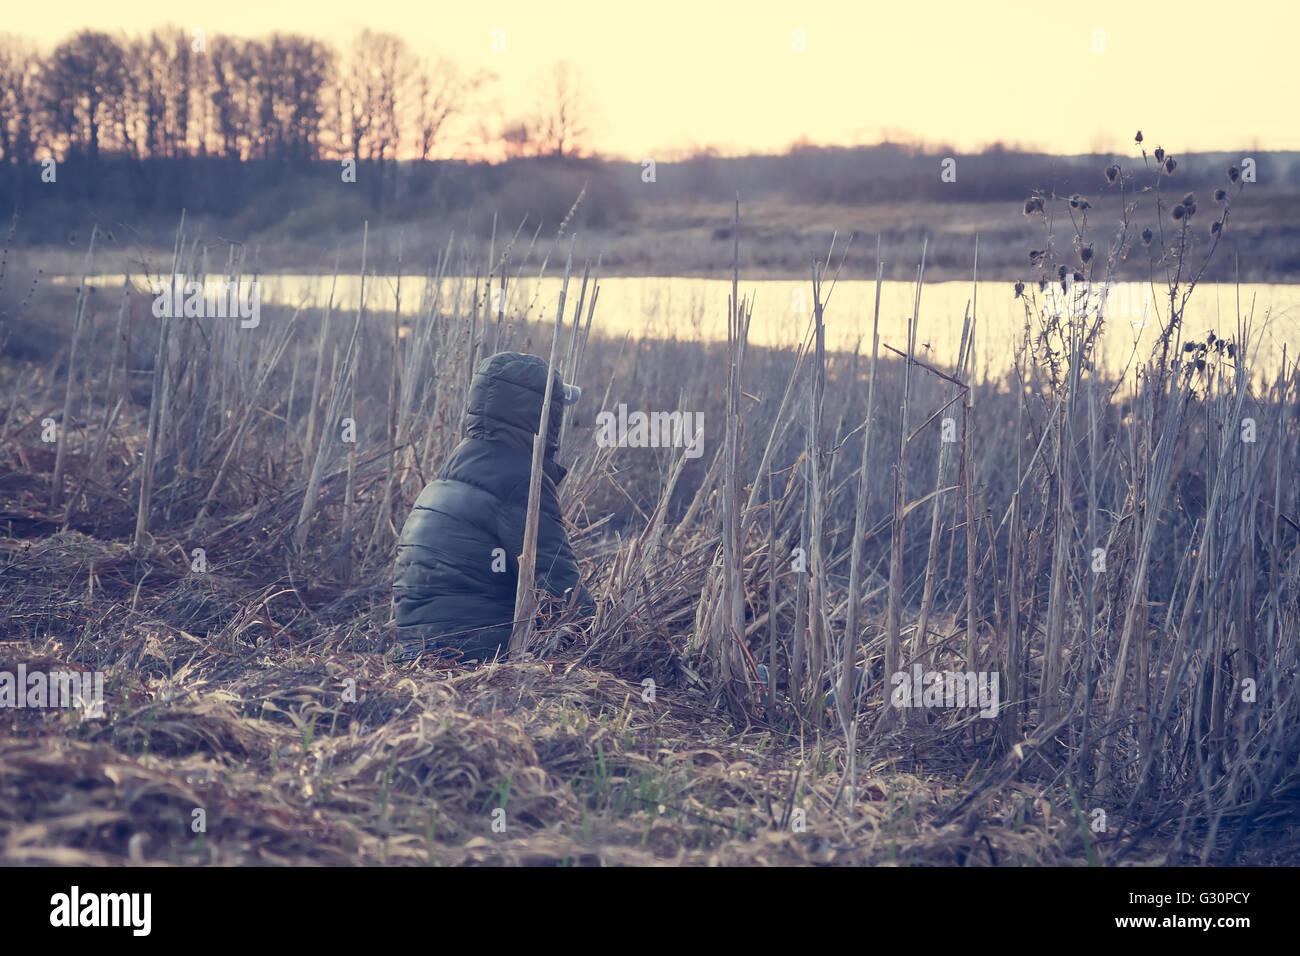 Reisende in einem ländlichen Bereich sitzt und die Landschaft genießen. Einsamer Mann wacht über die nebligen Morgen Stockfoto